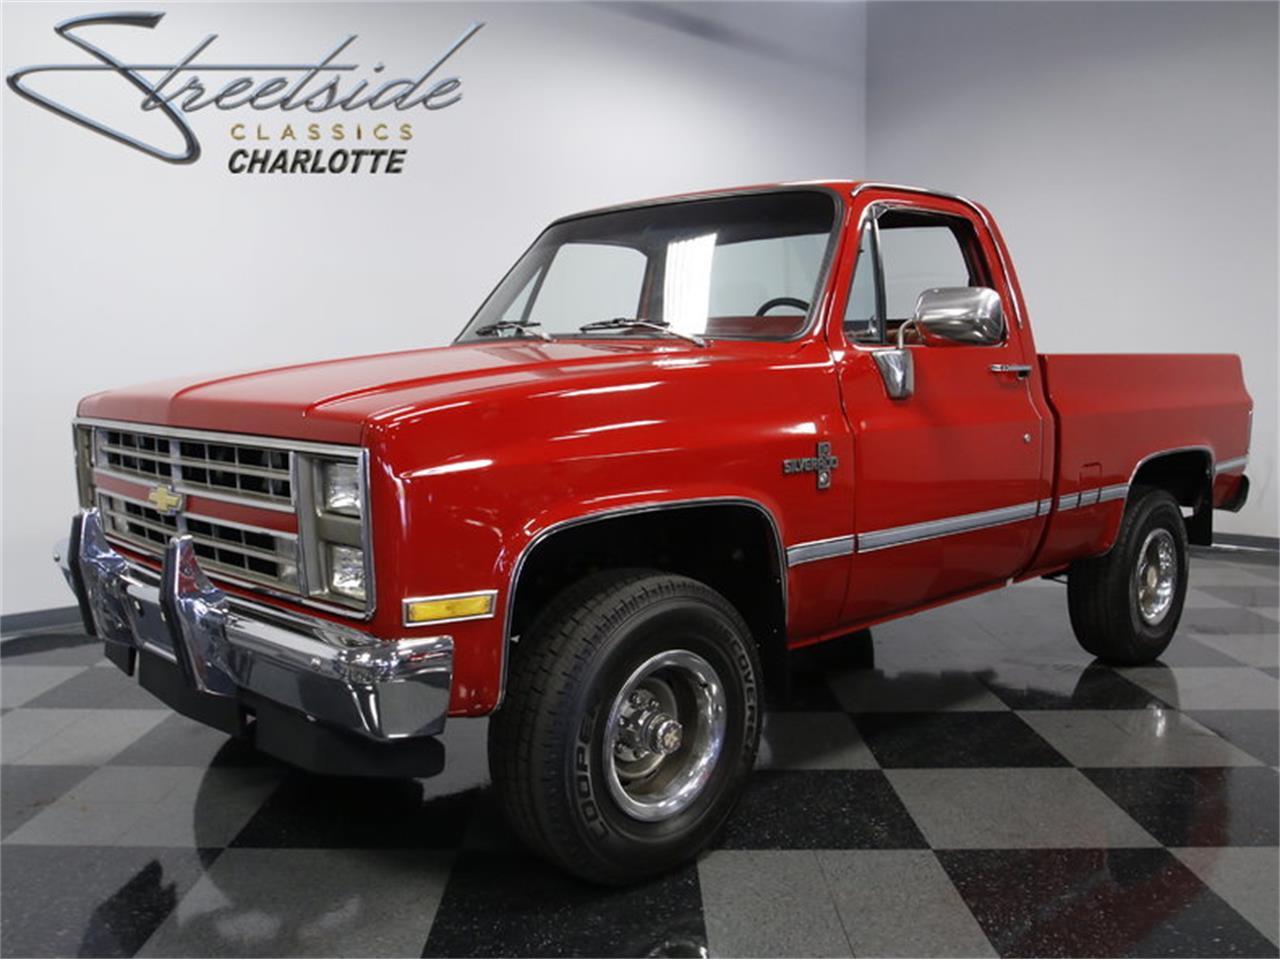 For Sale: 1985 Chevrolet Silverado K-10 4x4 in Concord, North Carolina